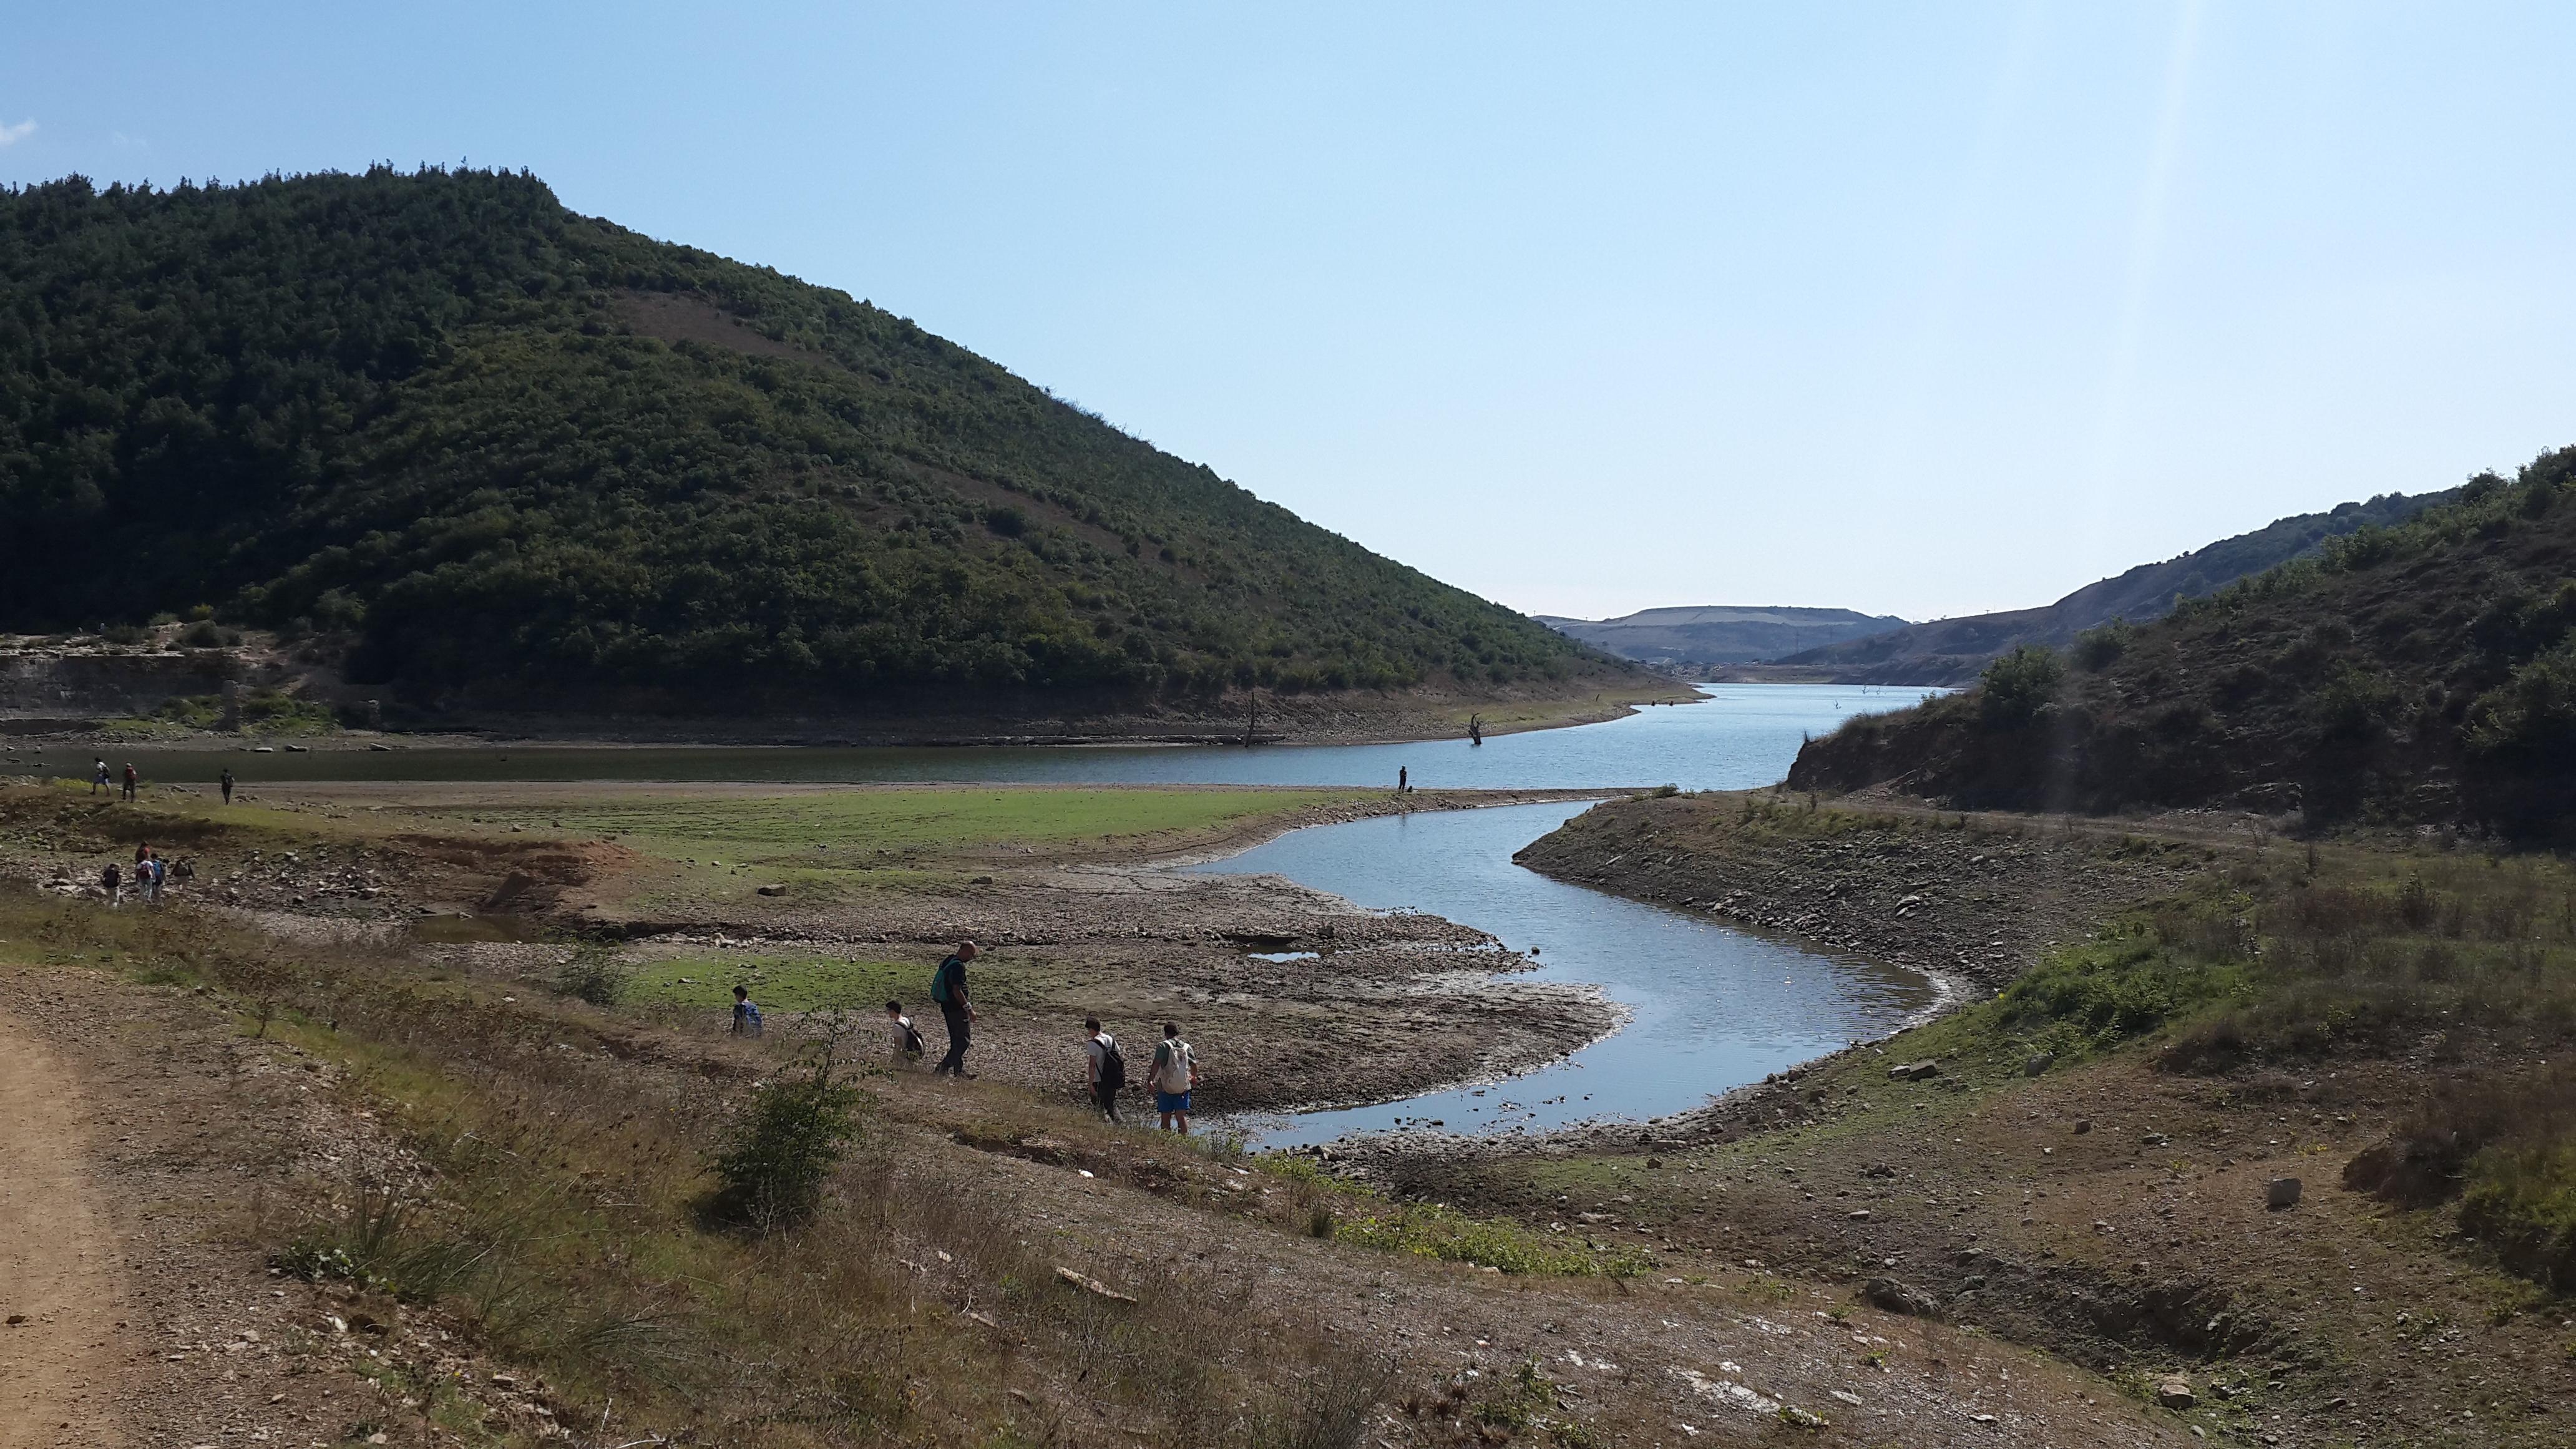 İstanbul'un sonunu hazırlayan Kanal İstanbul Projesi'nin güzergahı 'tekrar' duyuruldu: Amaç bölgedeki arsa spekülasyonunu kamçılamak